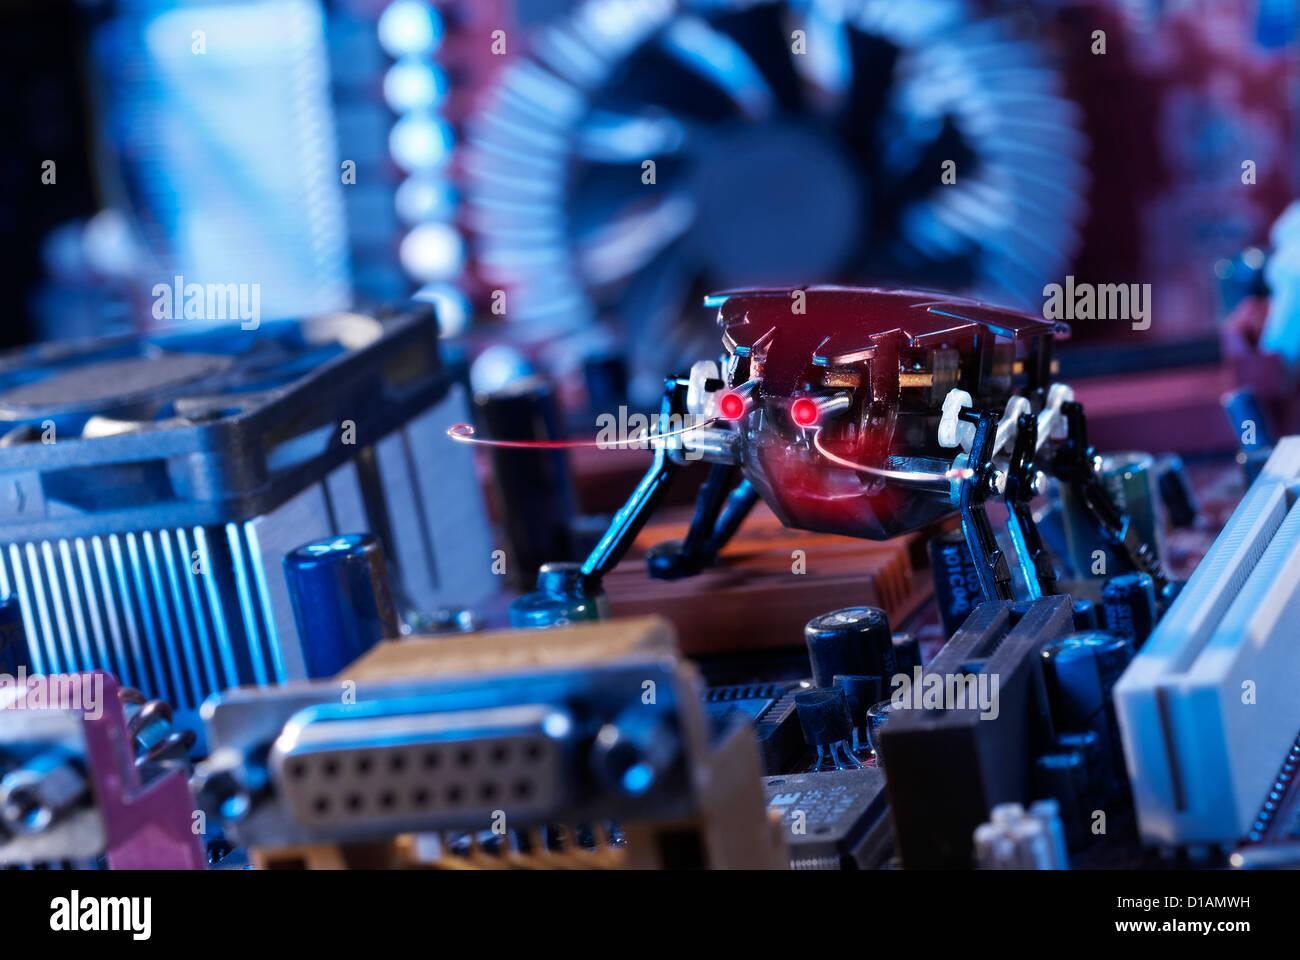 Ein Roboter Käfer mit rot glühenden Augen auf einem Motherboard. Stockbild